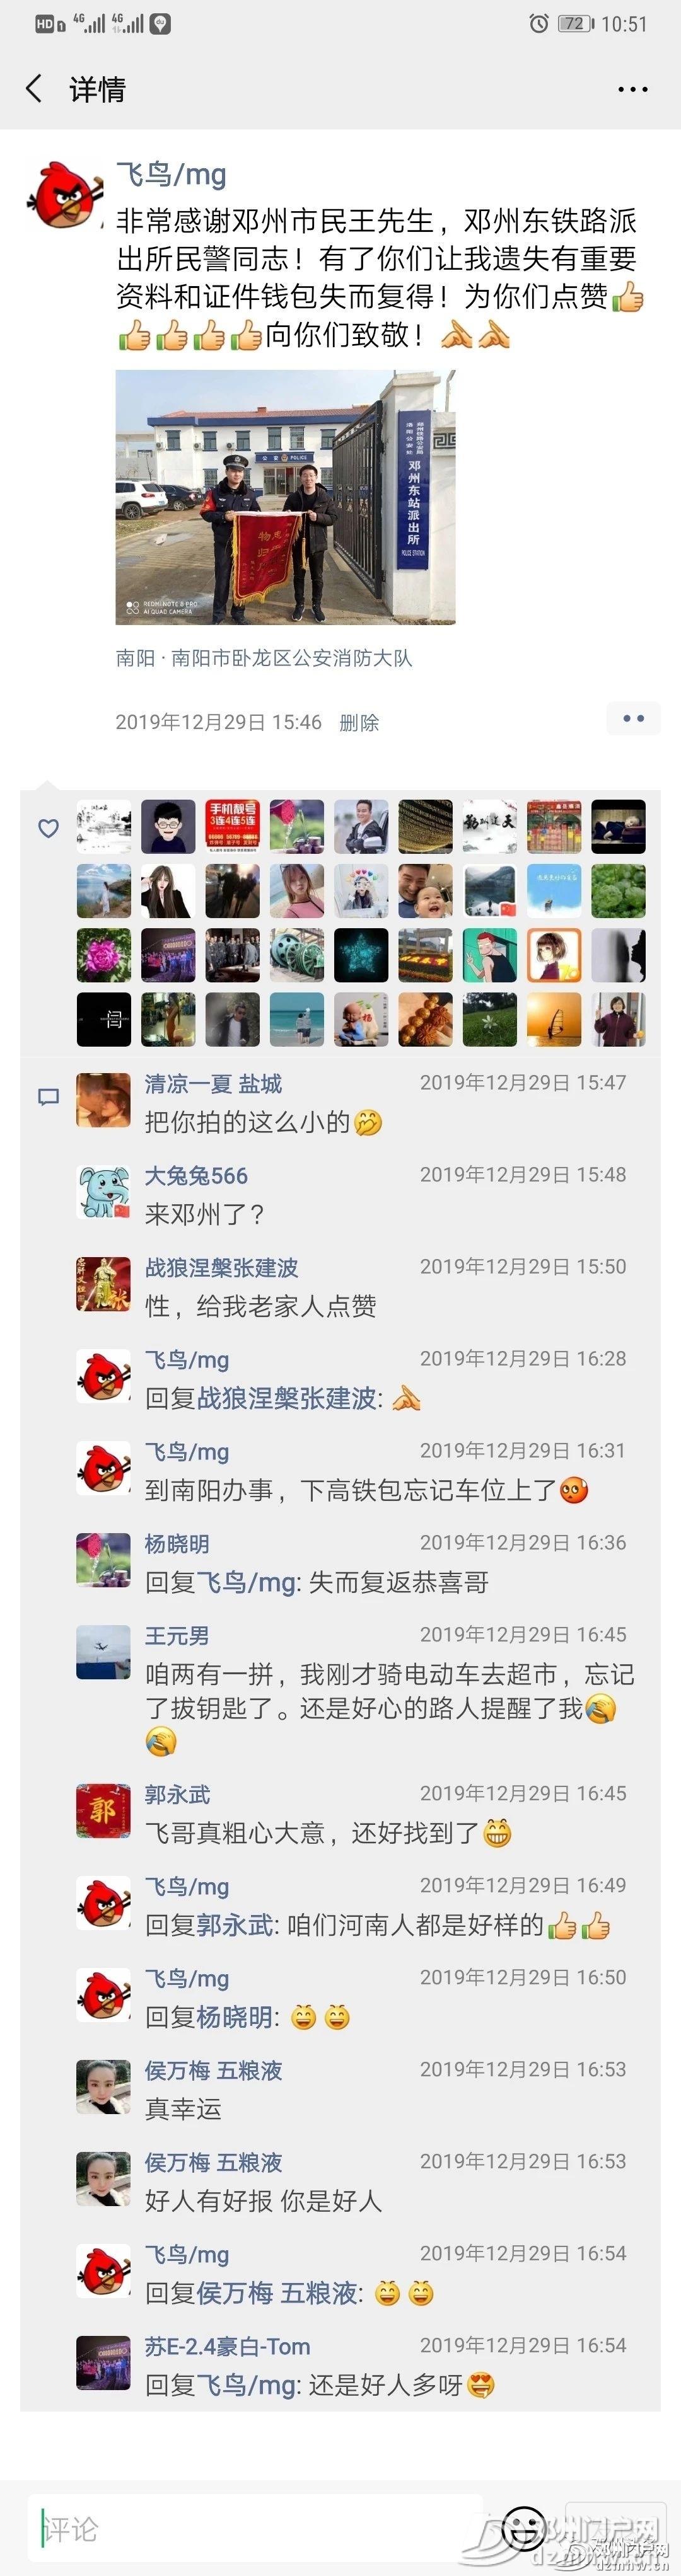 曝光!发生在邓州高铁上暖心的一幕! - 邓州门户网|邓州网 - 8946cdf7d47337a89ace1d47236809fd.jpg